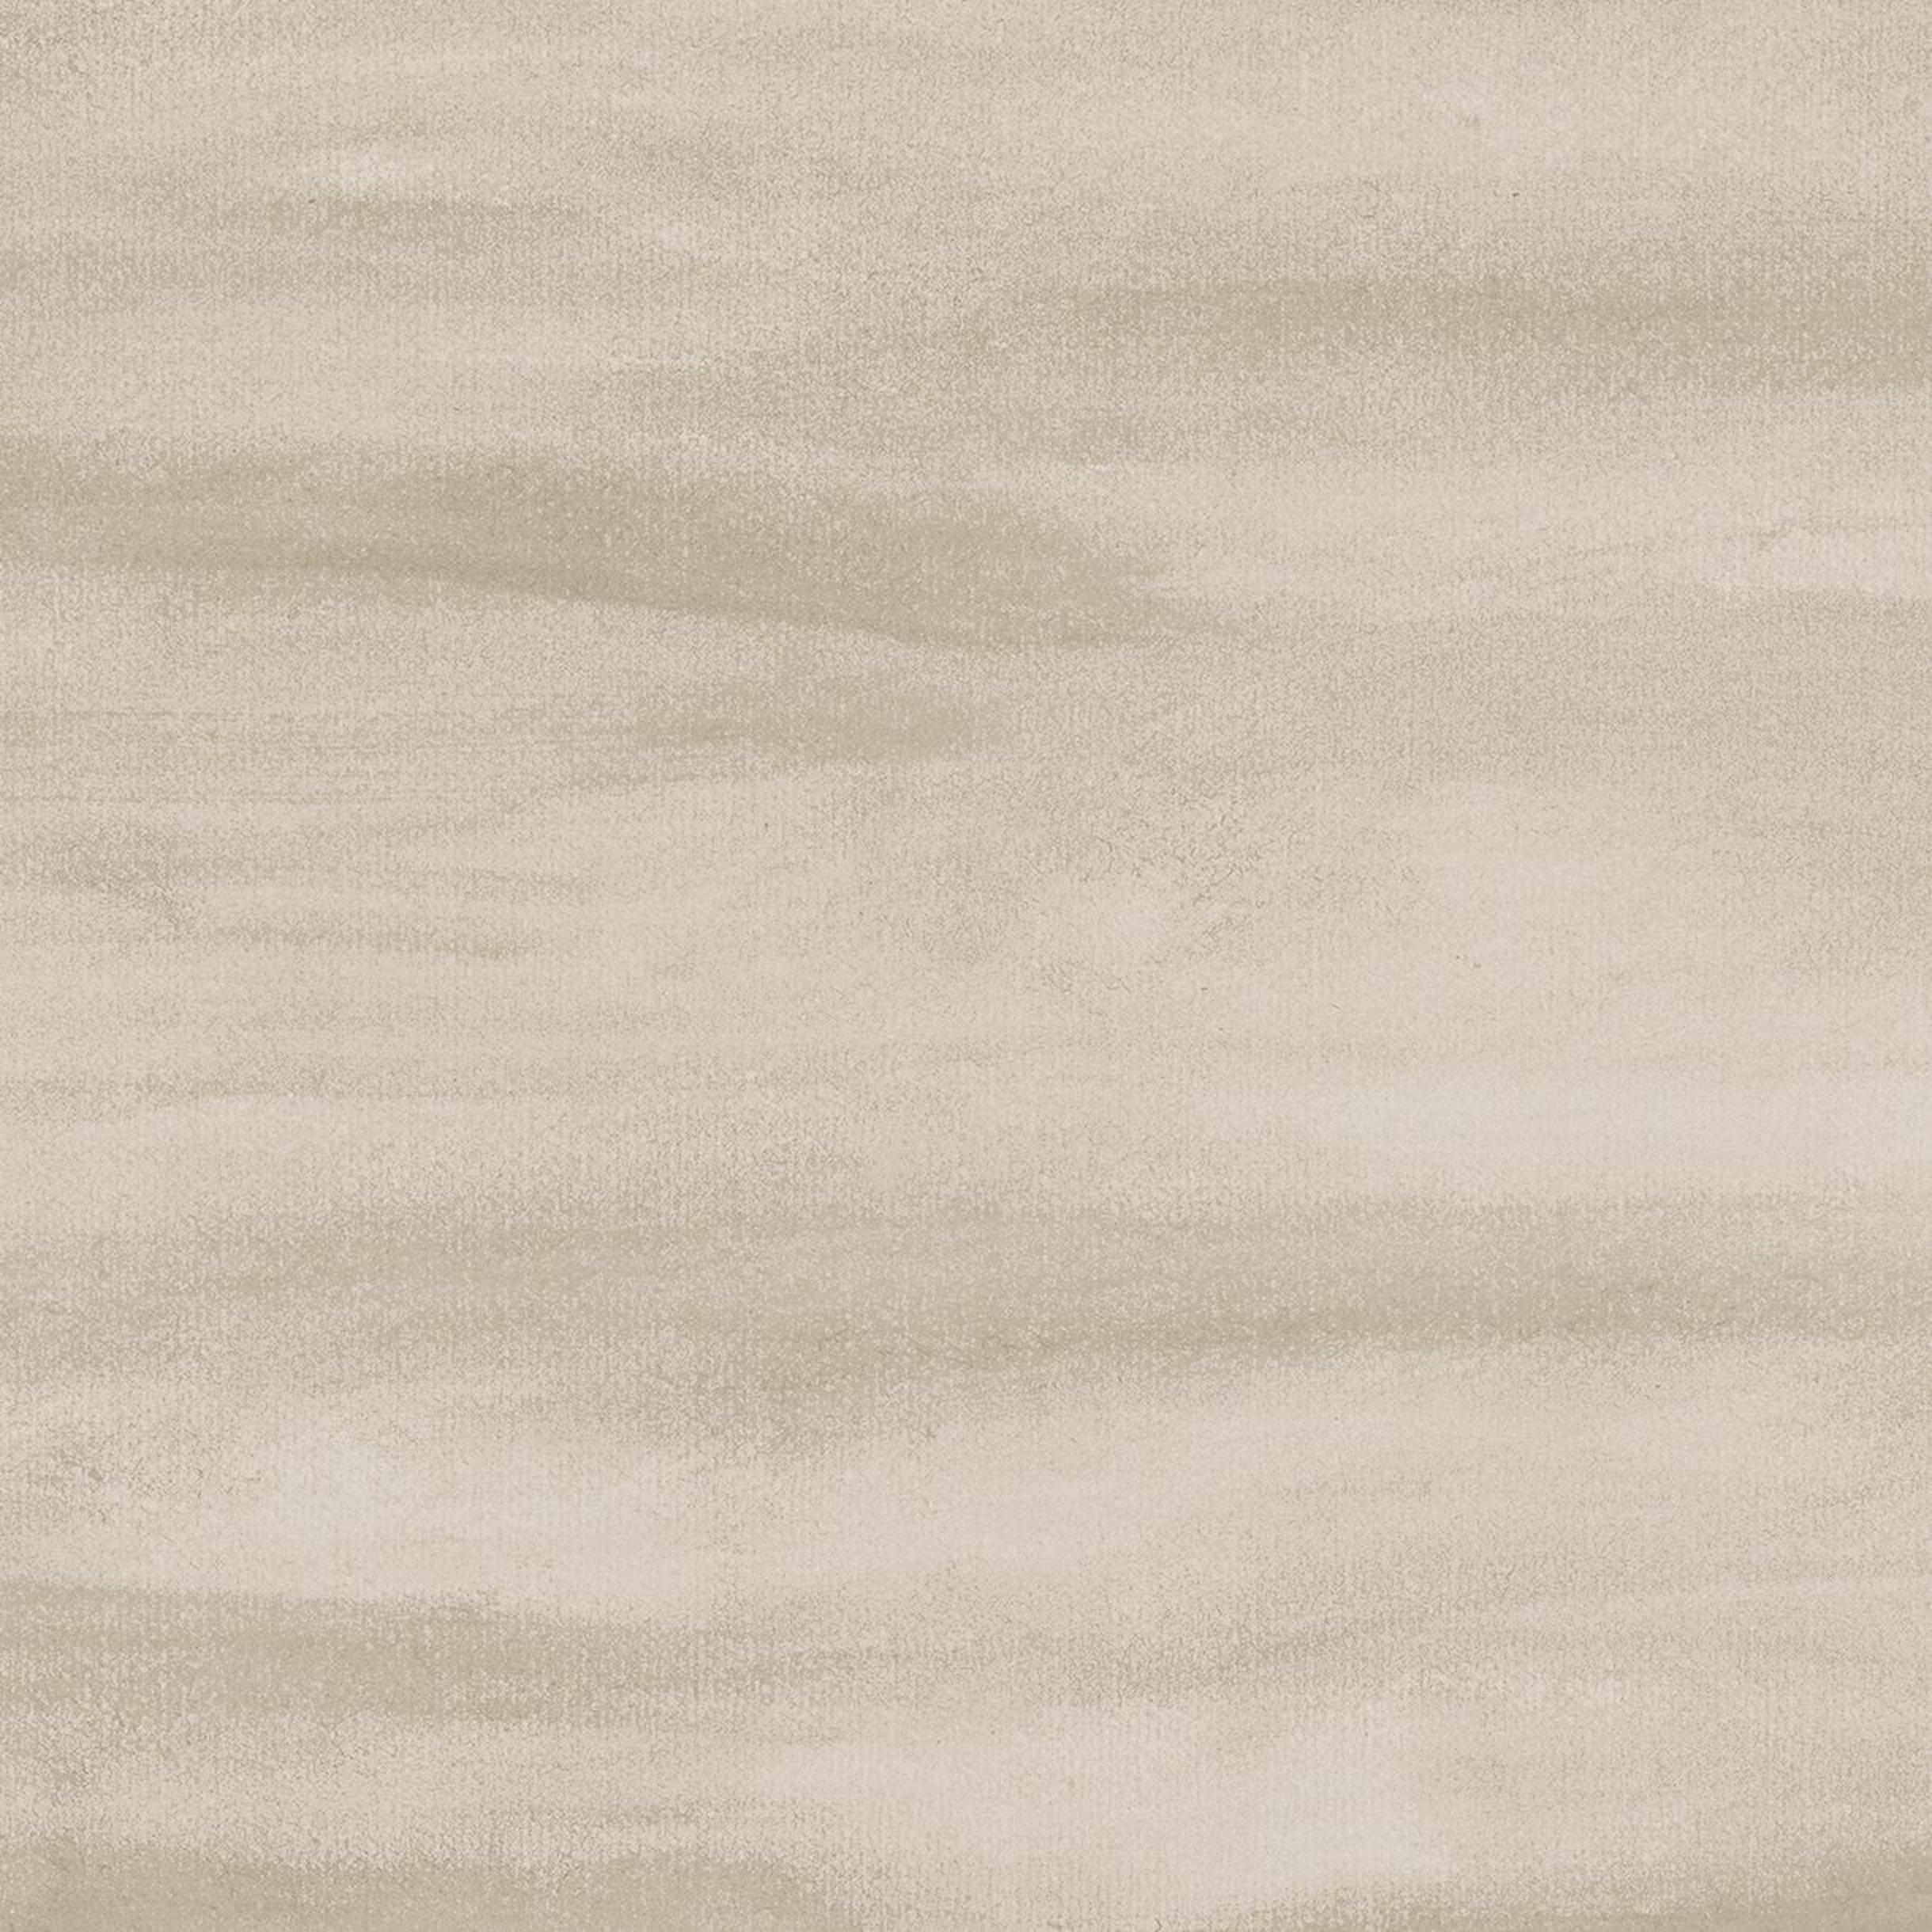 Купить Керамогранит Benadresa Lincoln Rect. Taupe напольный 60х60, Испания